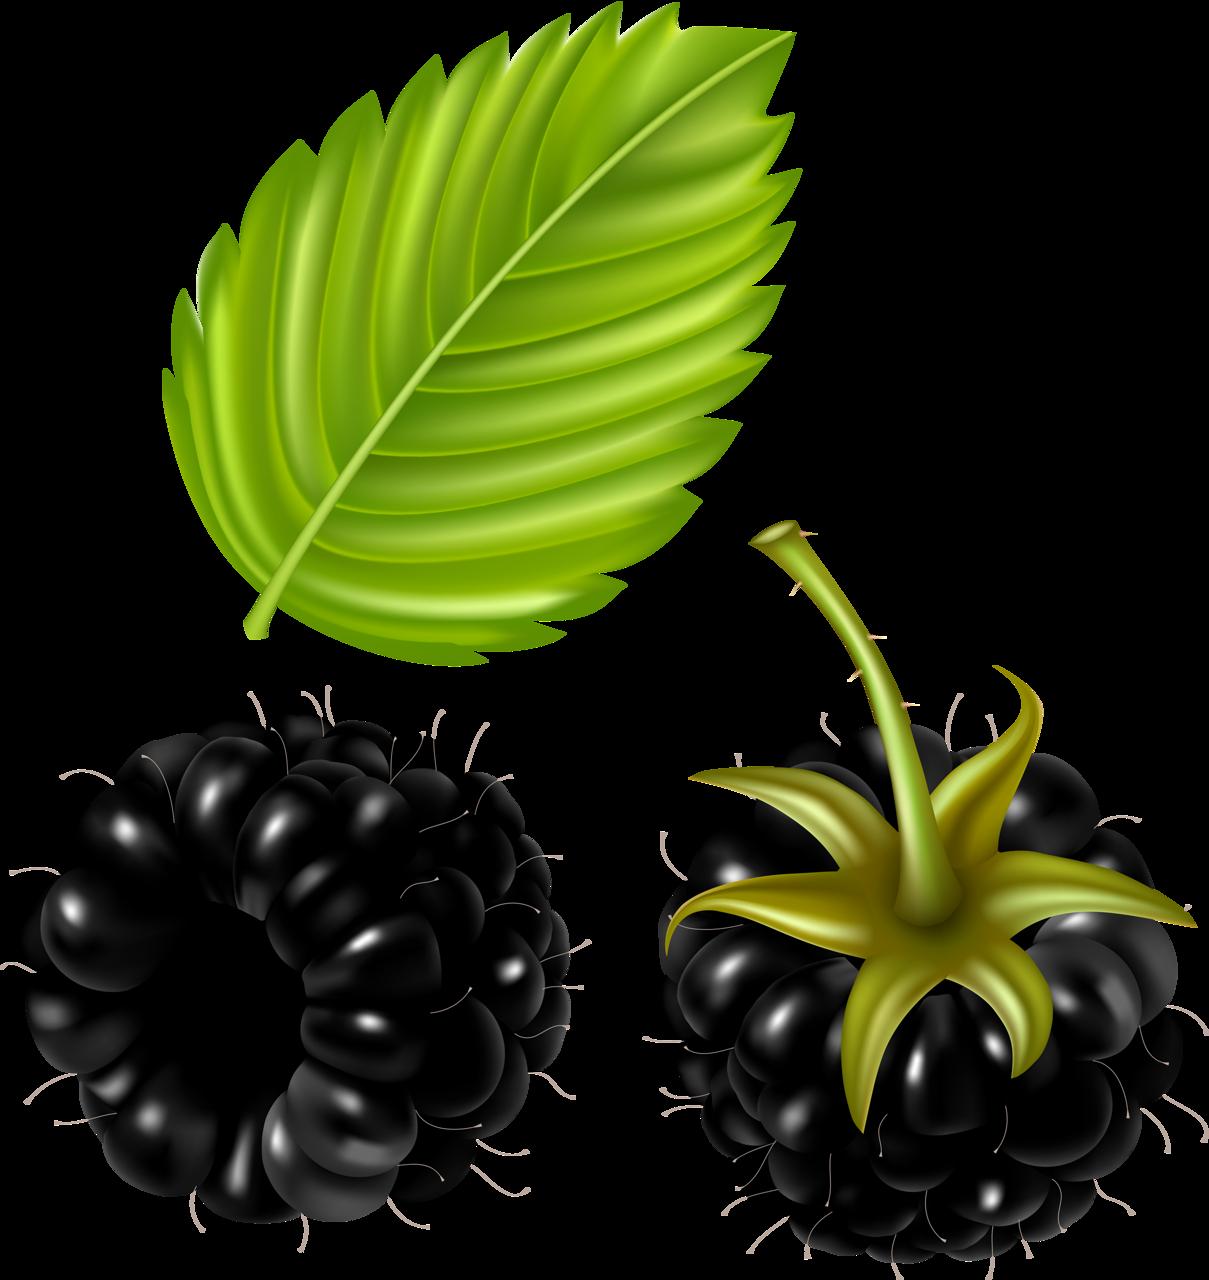 png clip art. Fruit clipart food item